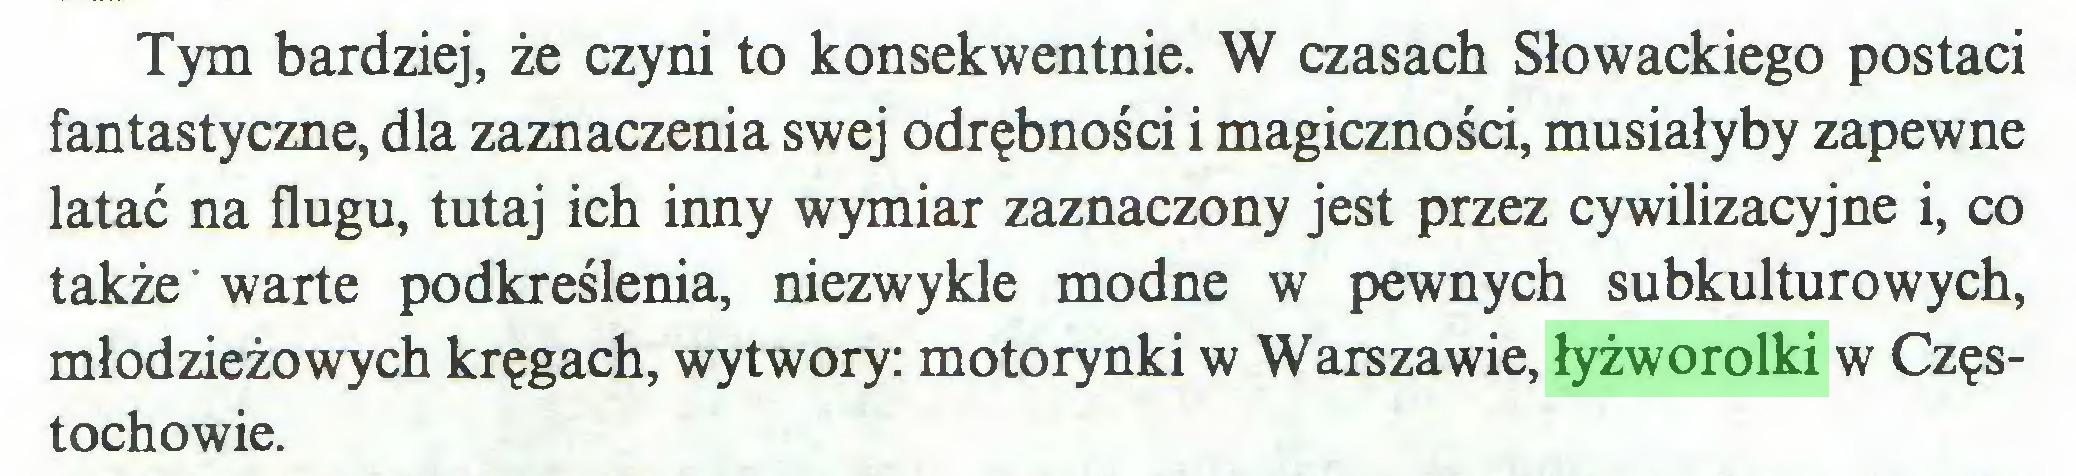 (...) Tym bardziej, że czyni to konsekwentnie. W czasach Słowackiego postaci fantastyczne, dla zaznaczenia swej odrębności i magiczności, musiałyby zapewne latać na flugu, tutaj ich inny wymiar zaznaczony jest przez cywilizacyjne i, co także warte podkreślenia, niezwykle modne w pewnych subkulturowych, młodzieżowych kręgach, wytwory: motorynki w Warszawie, łyżworolki w Częstochowie...